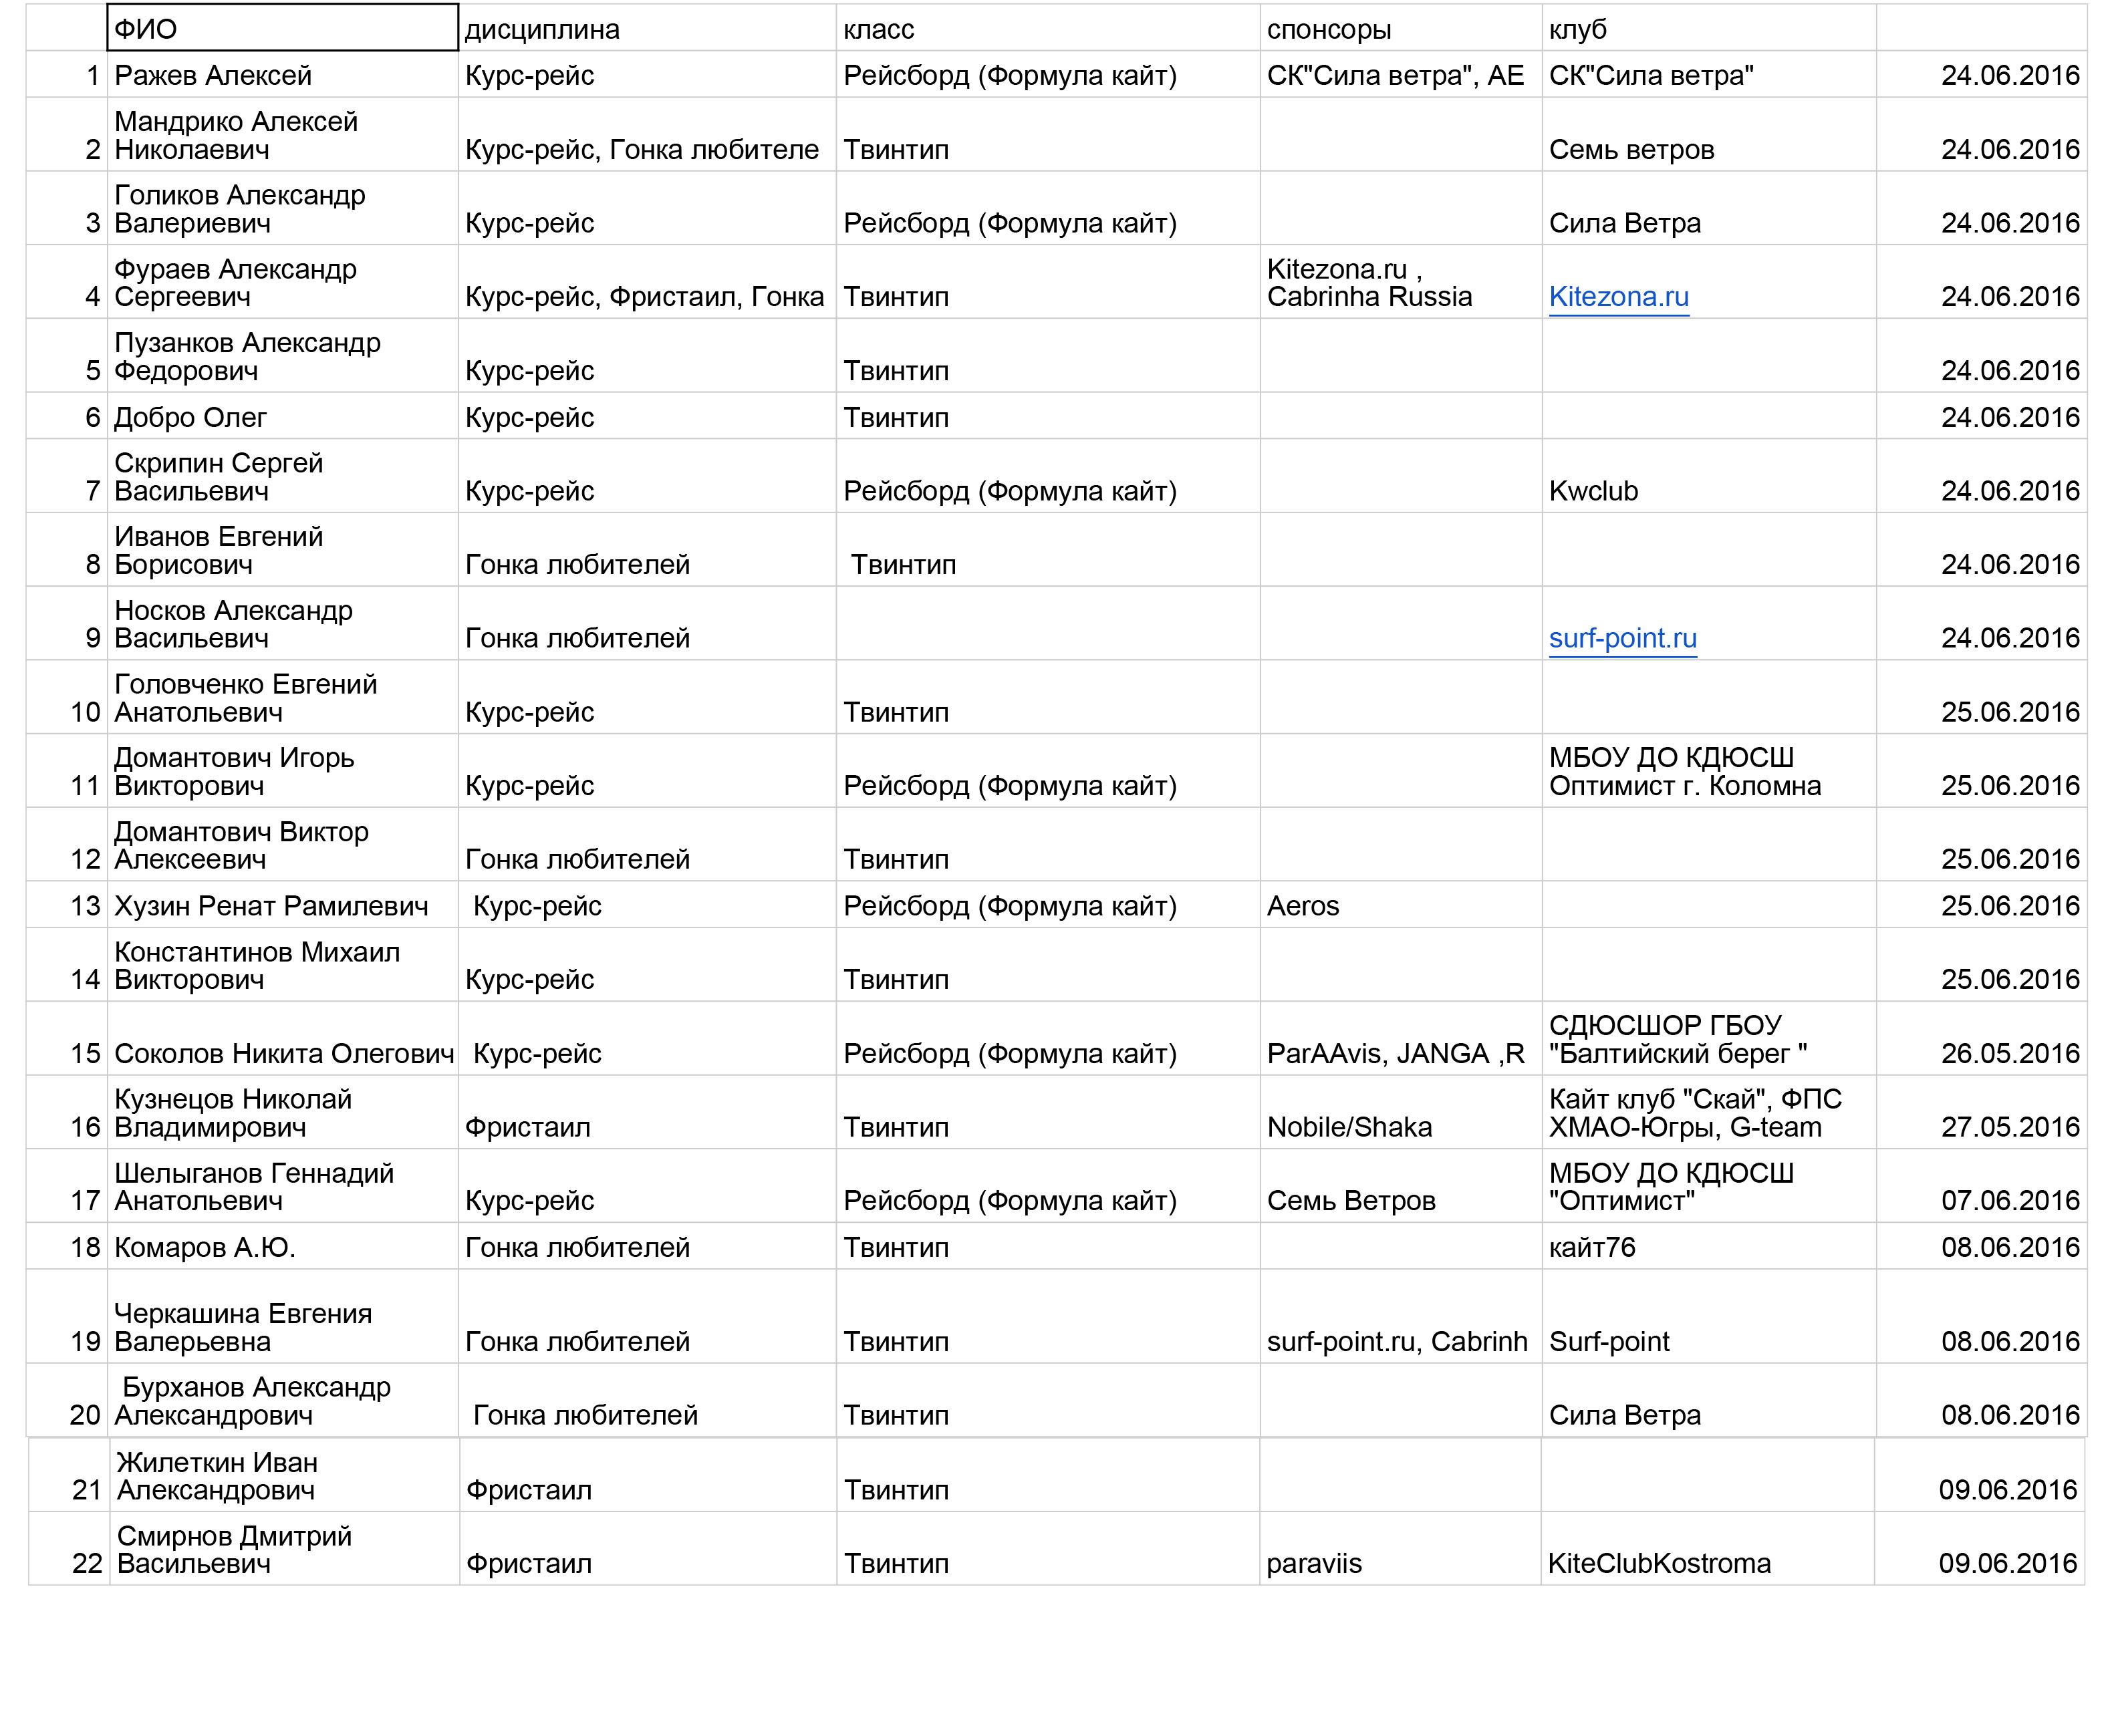 Список участников 2016 на сайт -1